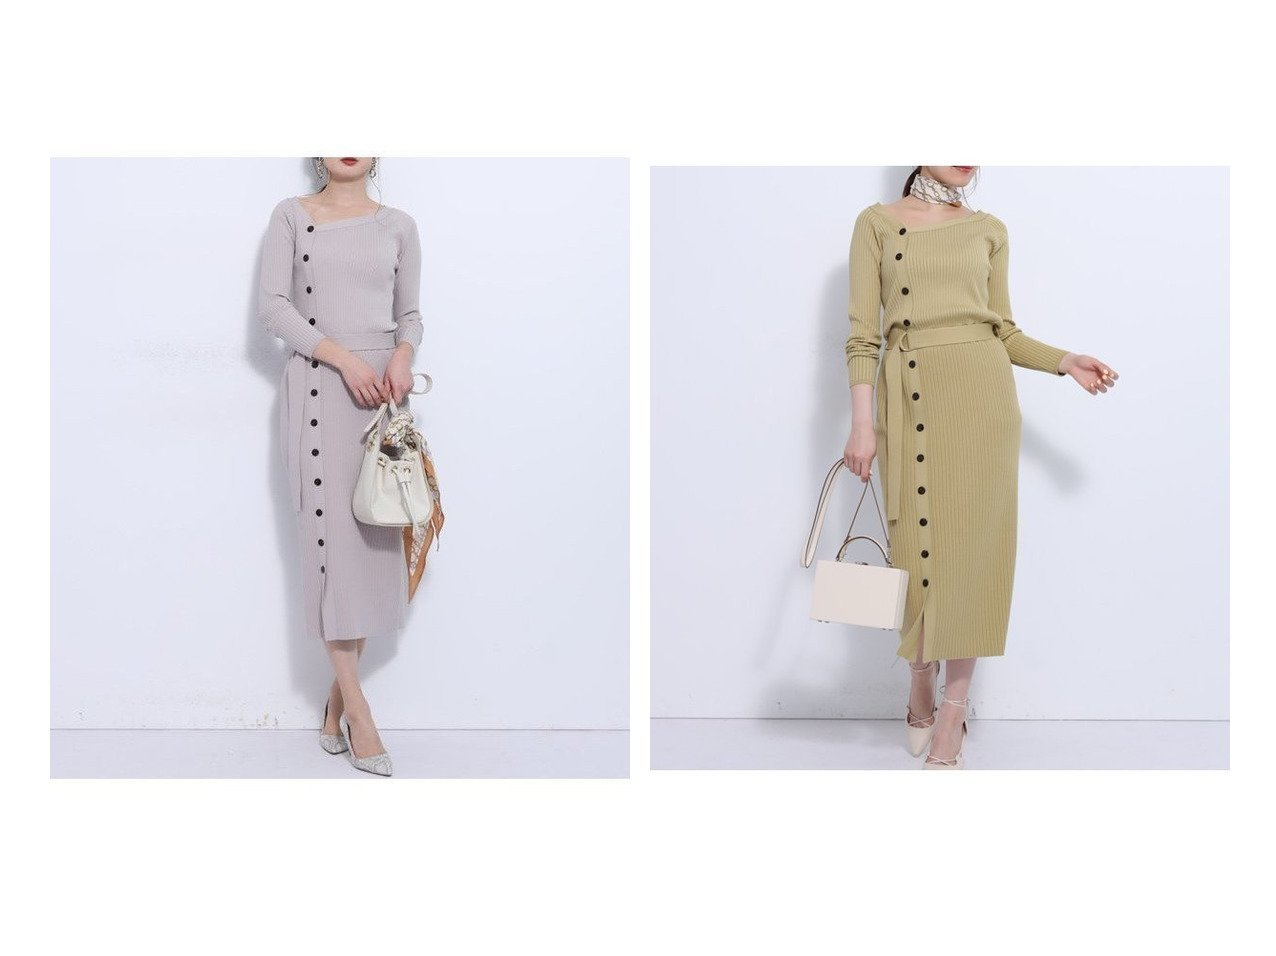 【Mystrada/マイストラーダ】のアシメリブワンピース ワンピース・ドレスのおすすめ!人気、トレンド・レディースファッションの通販 おすすめで人気の流行・トレンド、ファッションの通販商品 メンズファッション・キッズファッション・インテリア・家具・レディースファッション・服の通販 founy(ファニー) https://founy.com/ ファッション Fashion レディースファッション WOMEN ワンピース Dress シェイプ  ID:crp329100000024866